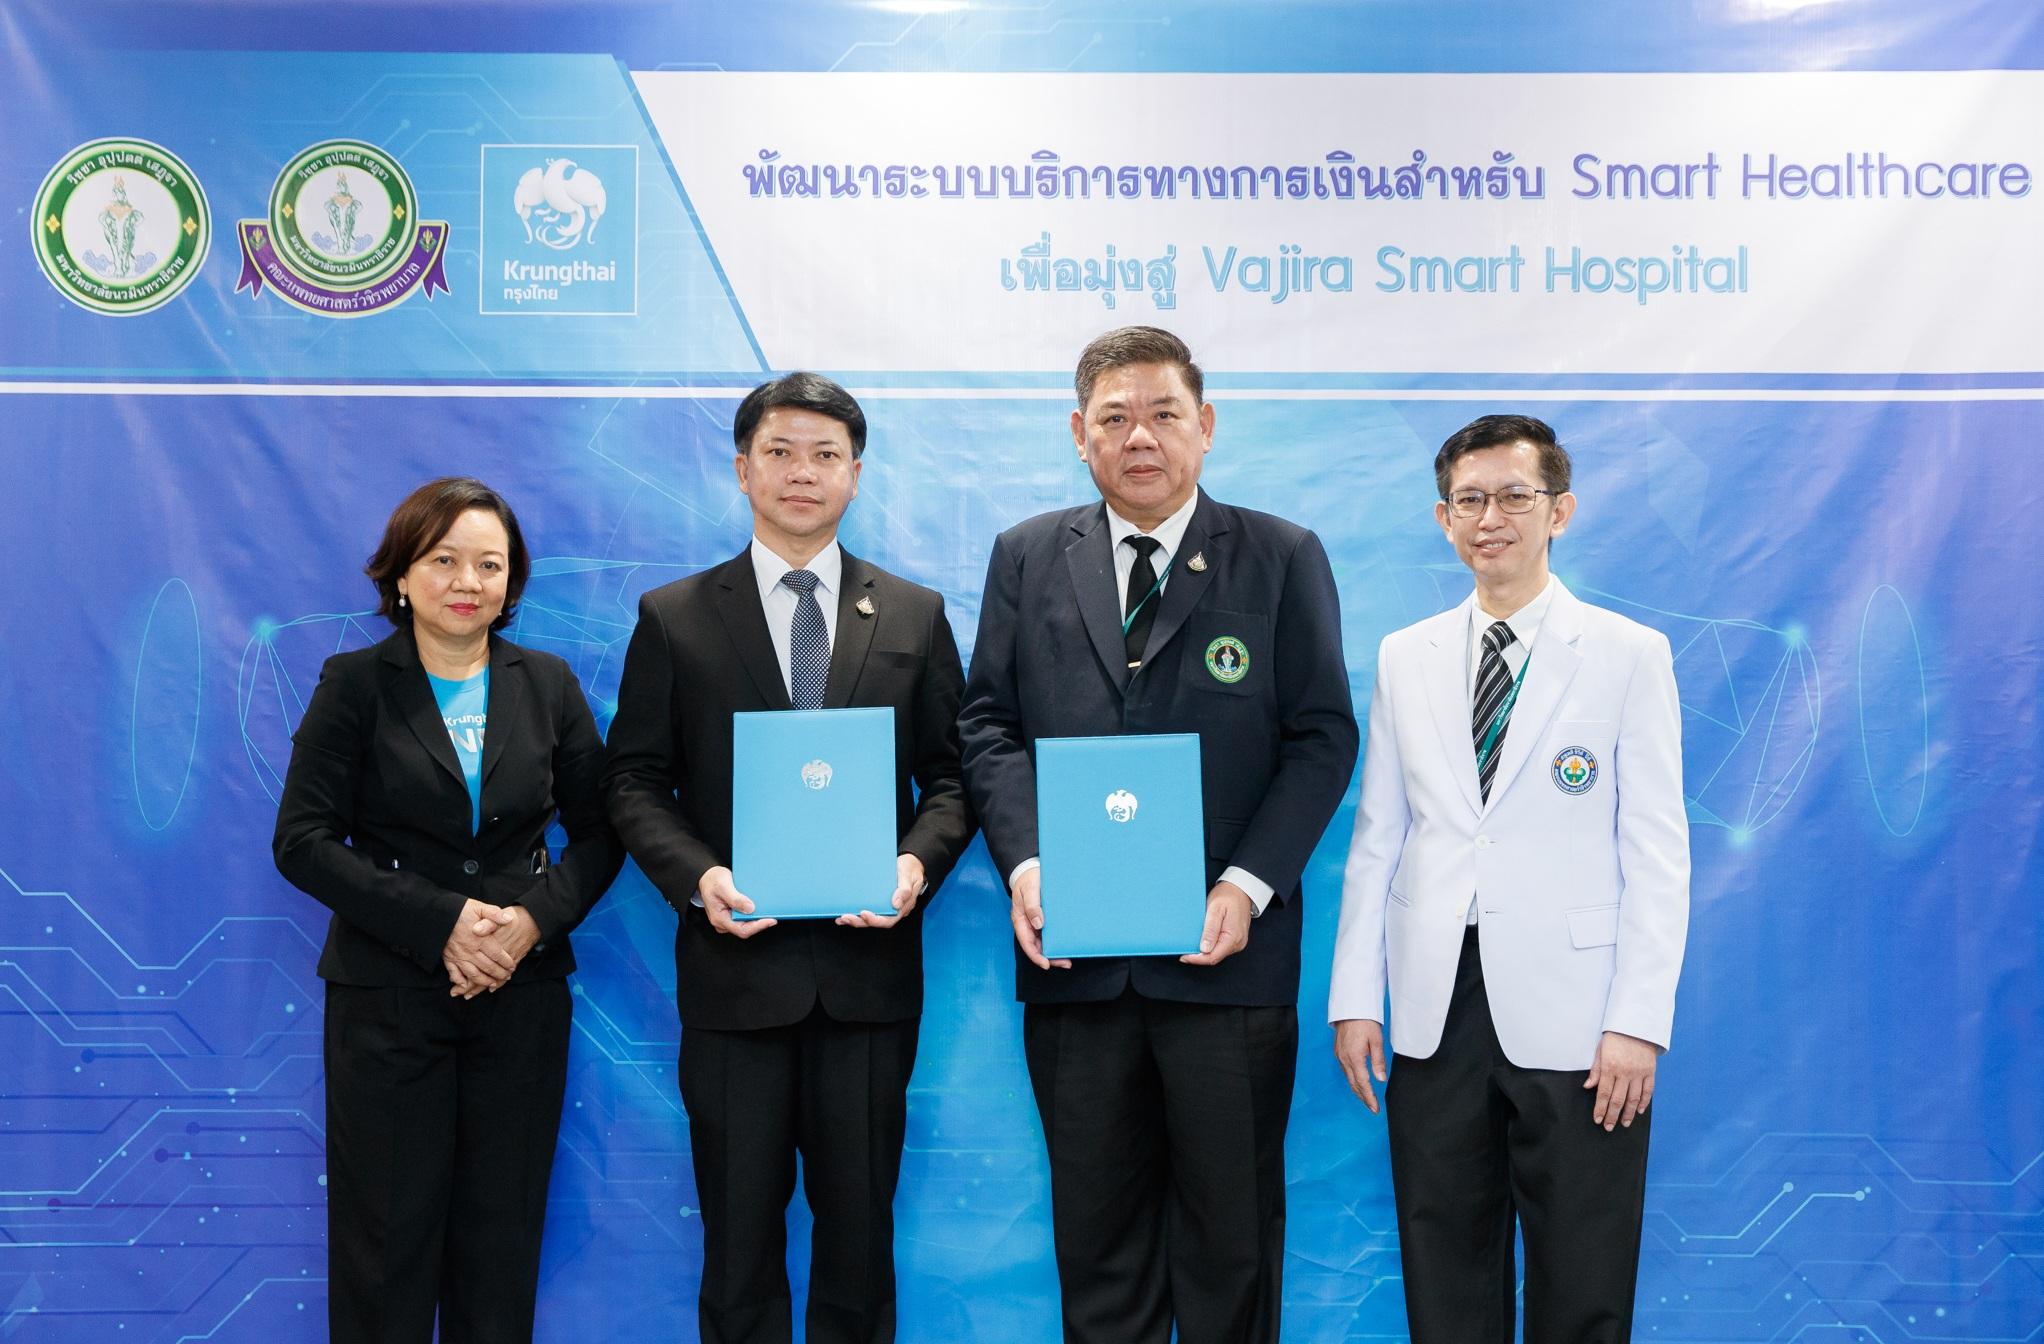 กรุงไทยลงนามพัฒนาระบบบริการจัดการทางการเงินวชิรพยาบาล